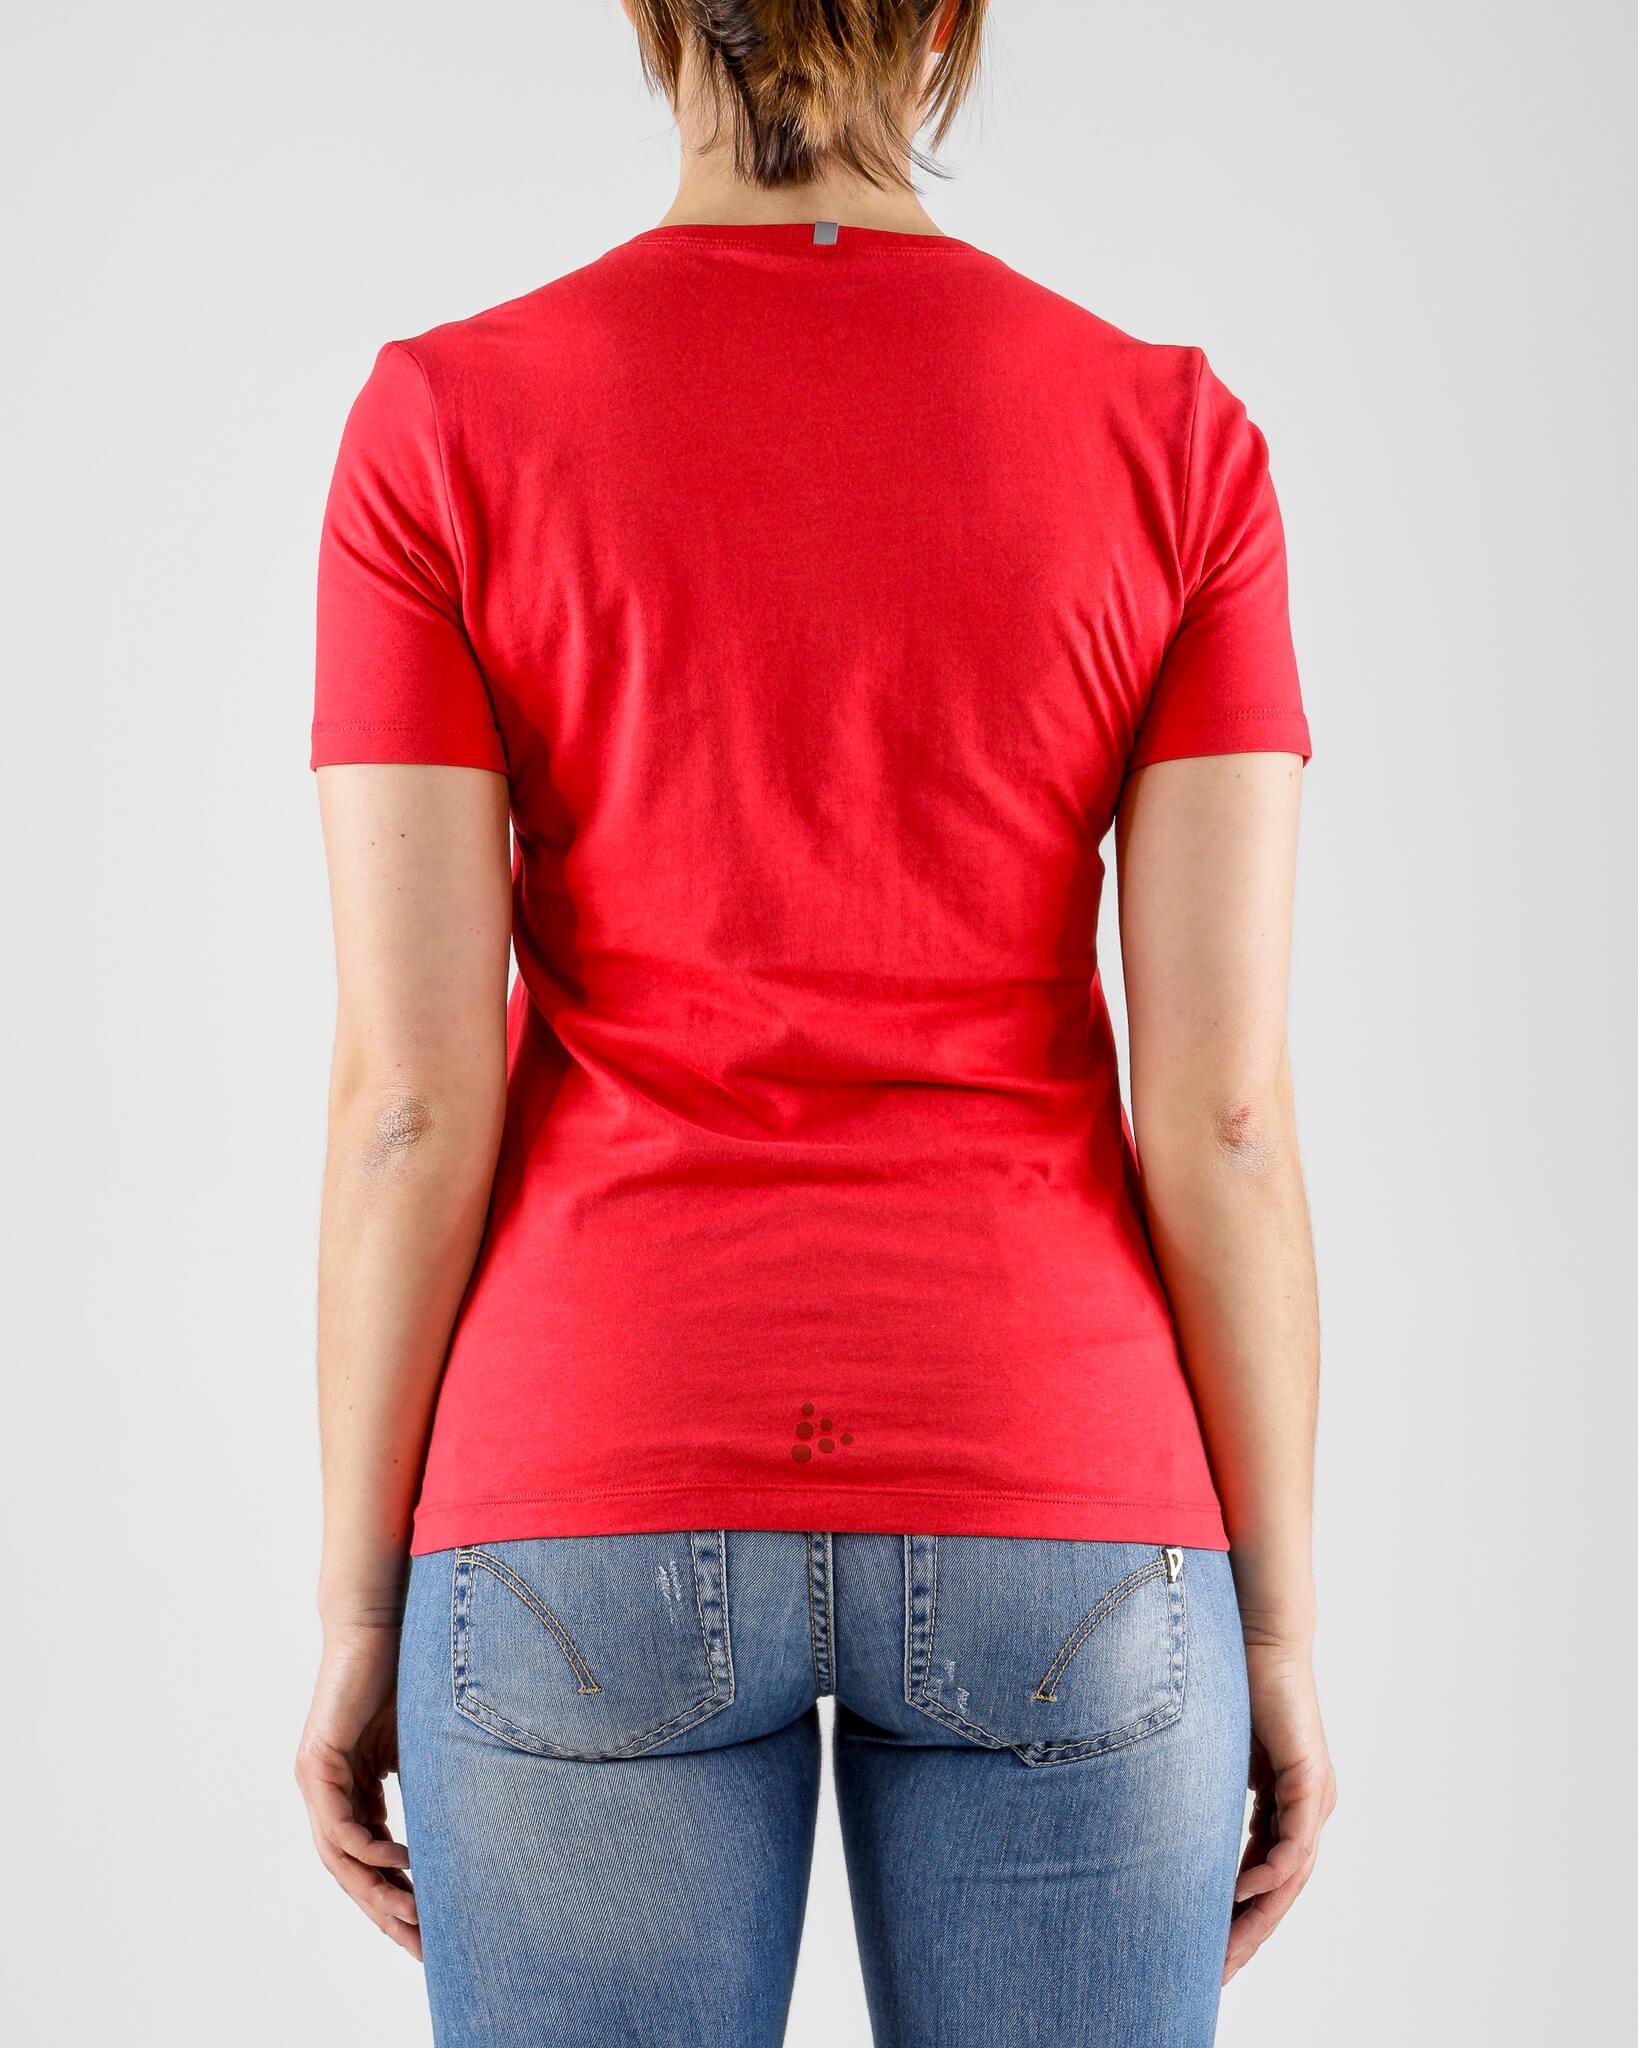 Craft Deft 2.0 футболка женская красная - 4